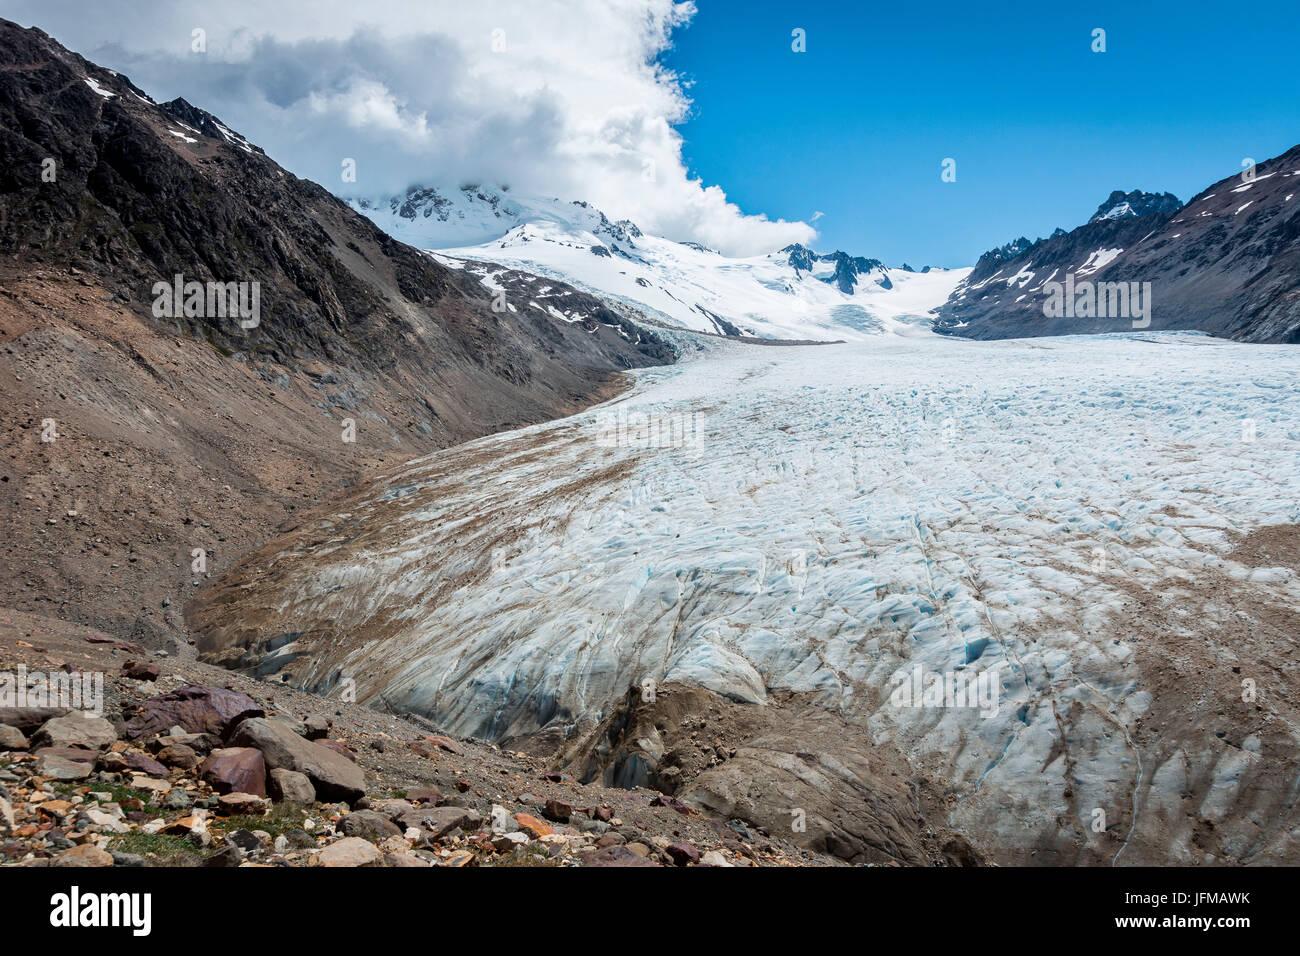 Argentina, Patagonia, El Chalten, Glacier Rio Tunel Inferior - Stock Image